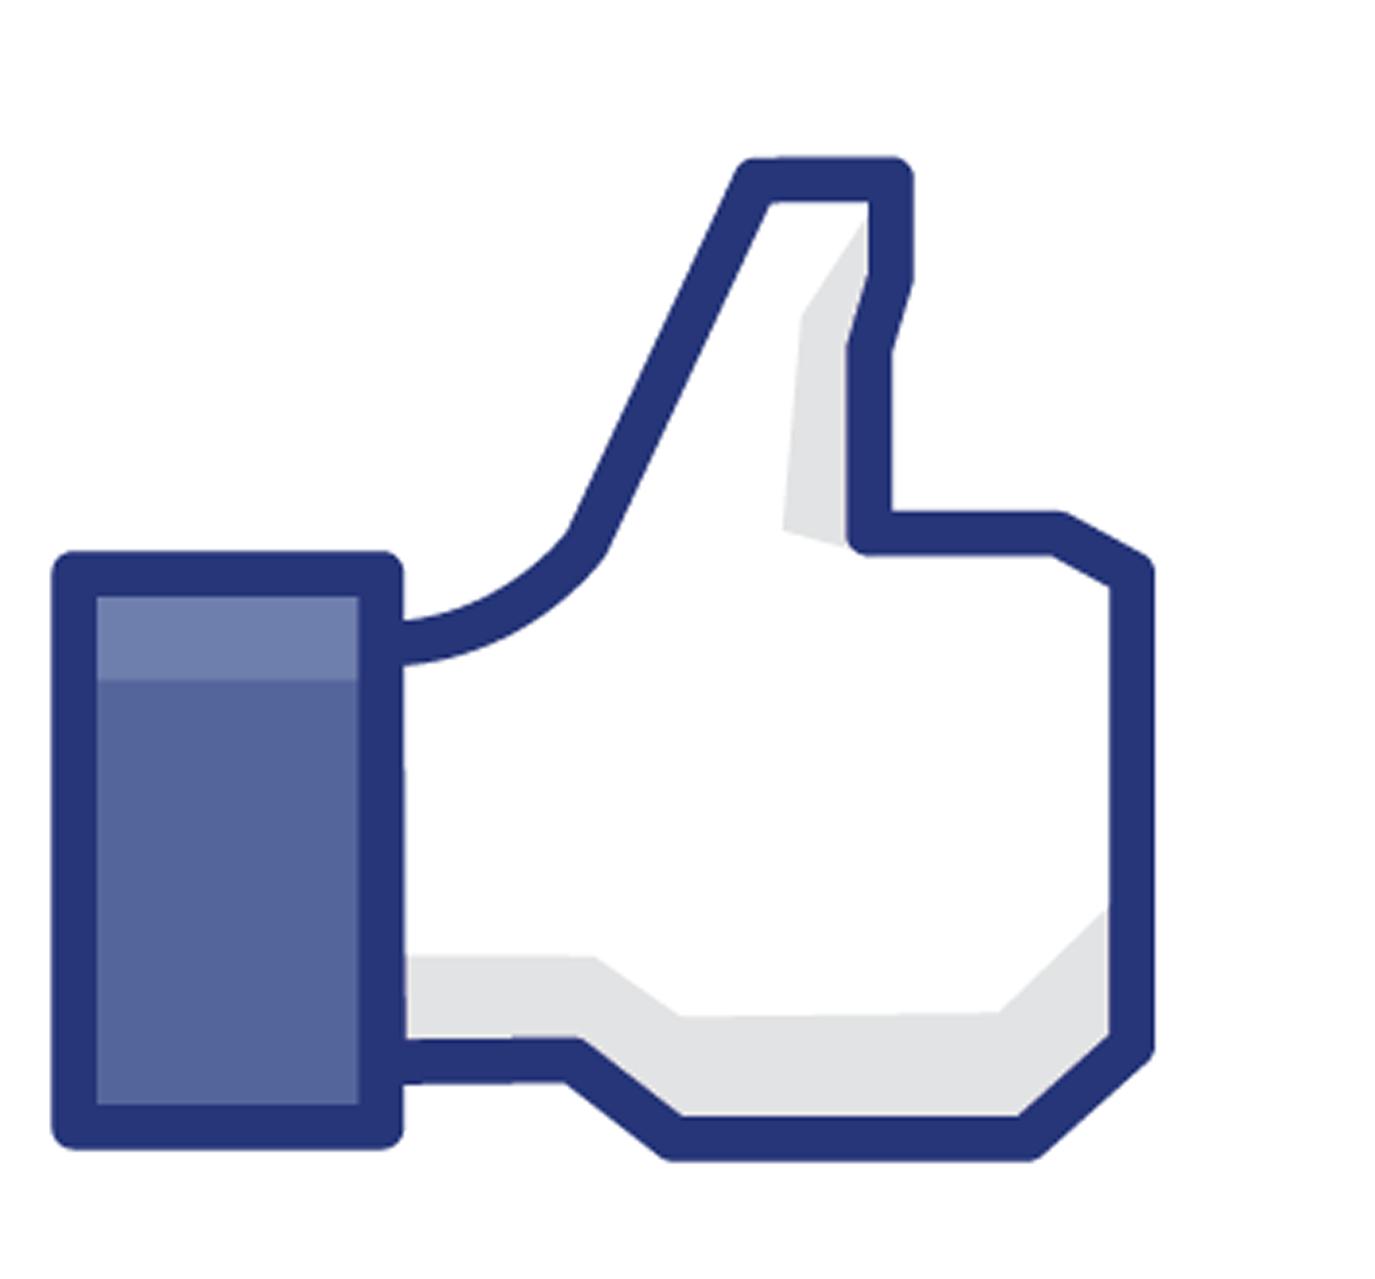 http://1.bp.blogspot.com/-aeSjI7iIa0c/TVk1rlF5wDI/AAAAAAAAAtA/O_14zLHvJmg/s1600/210-facebook_like_buton.png